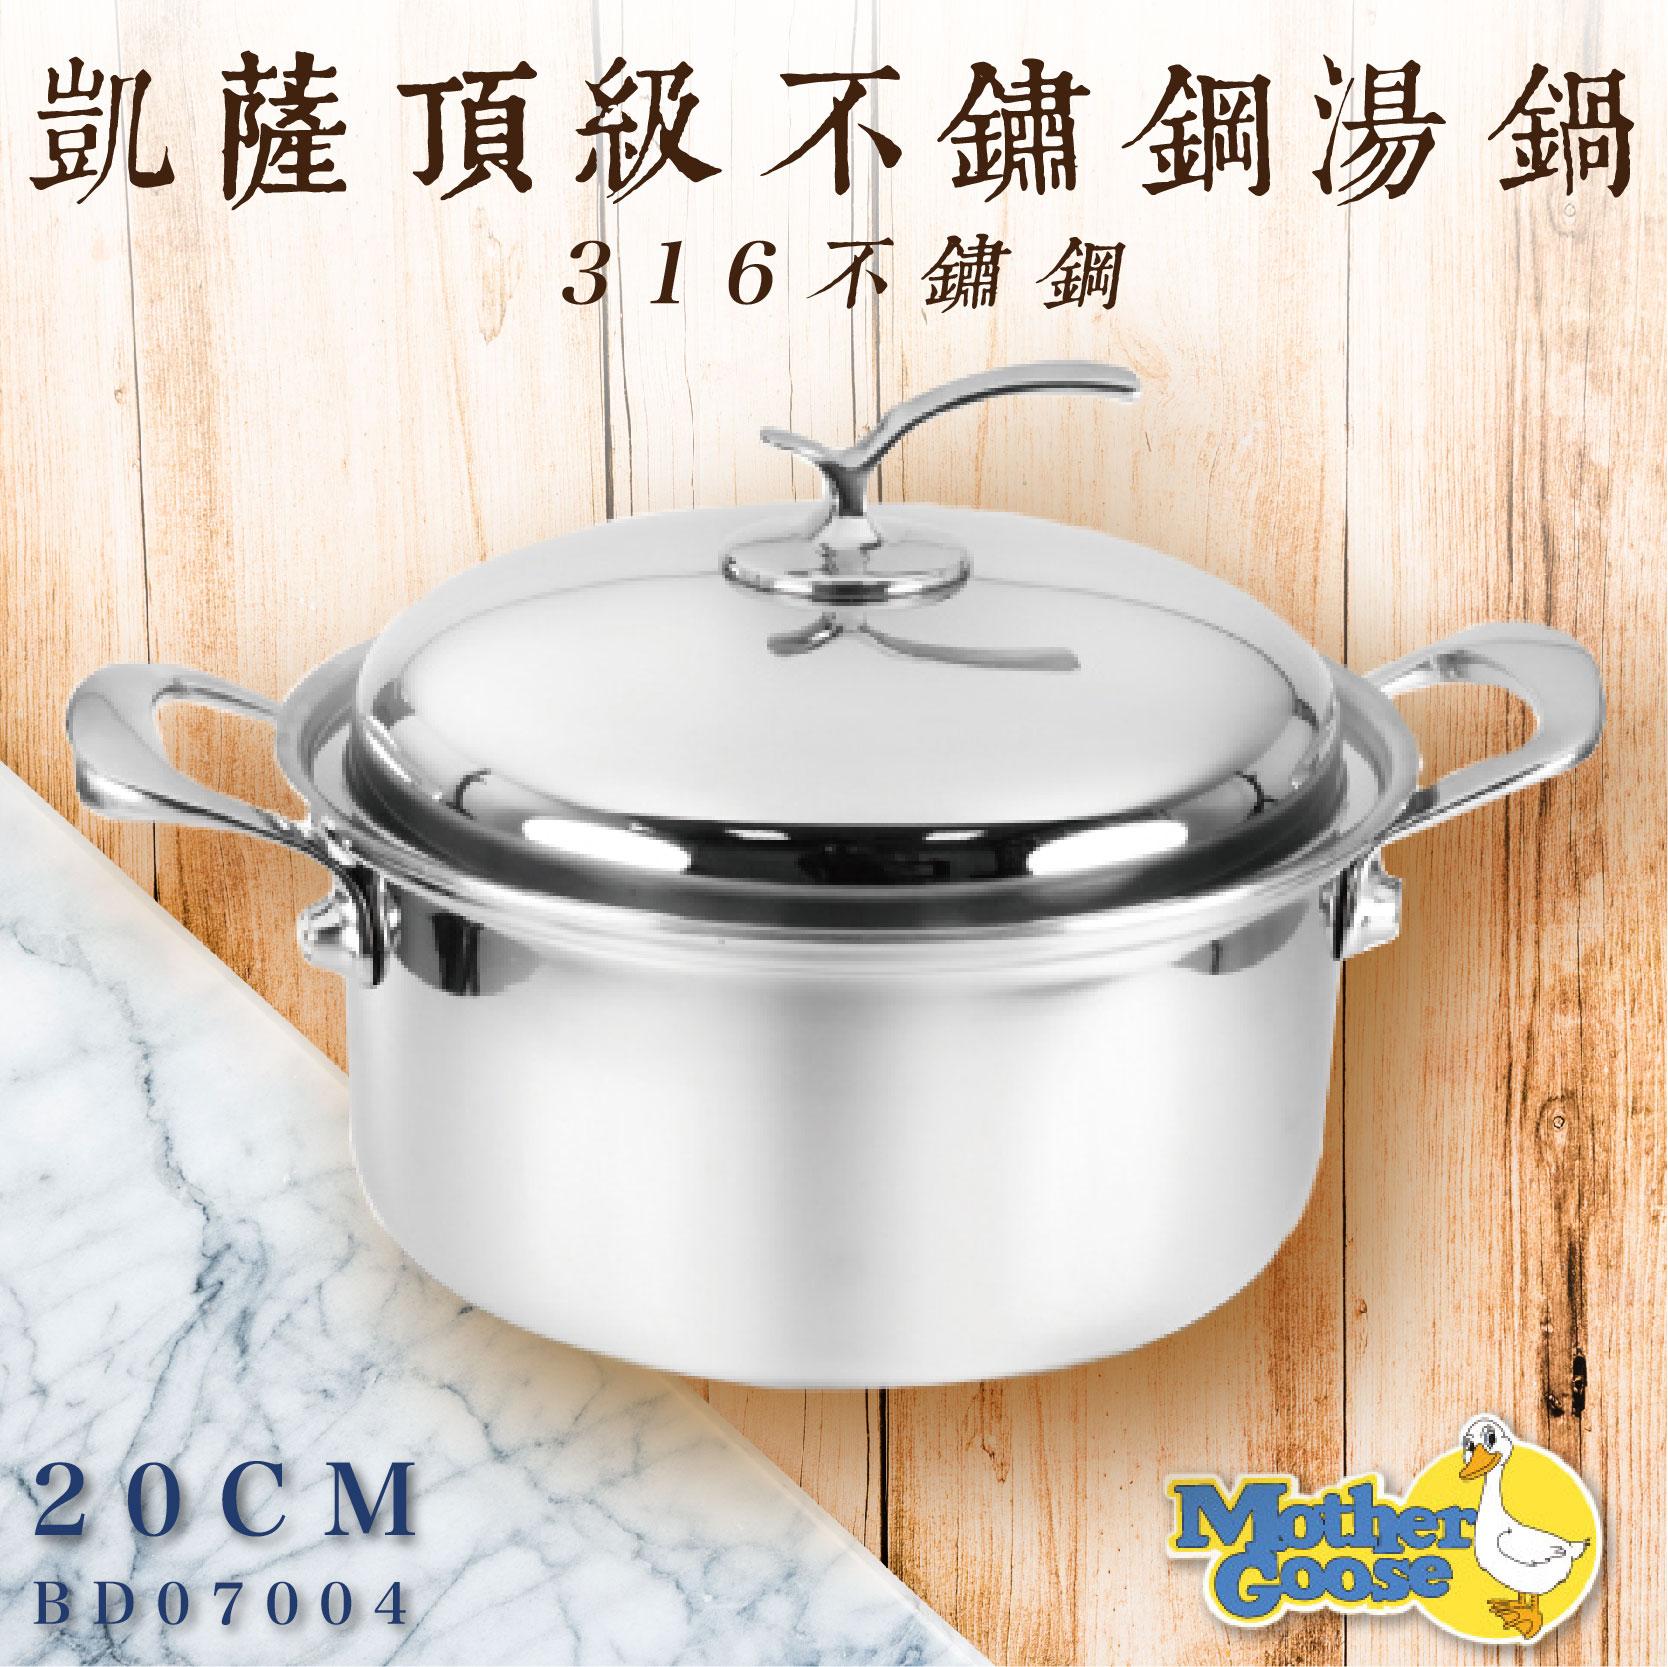 🍳凱薩頂級316不鏽鋼湯鍋20cm BD07004 低油煙 物理性不沾 耐刷抗磨 鍋具 廚具 鍋子 美國鵝媽媽